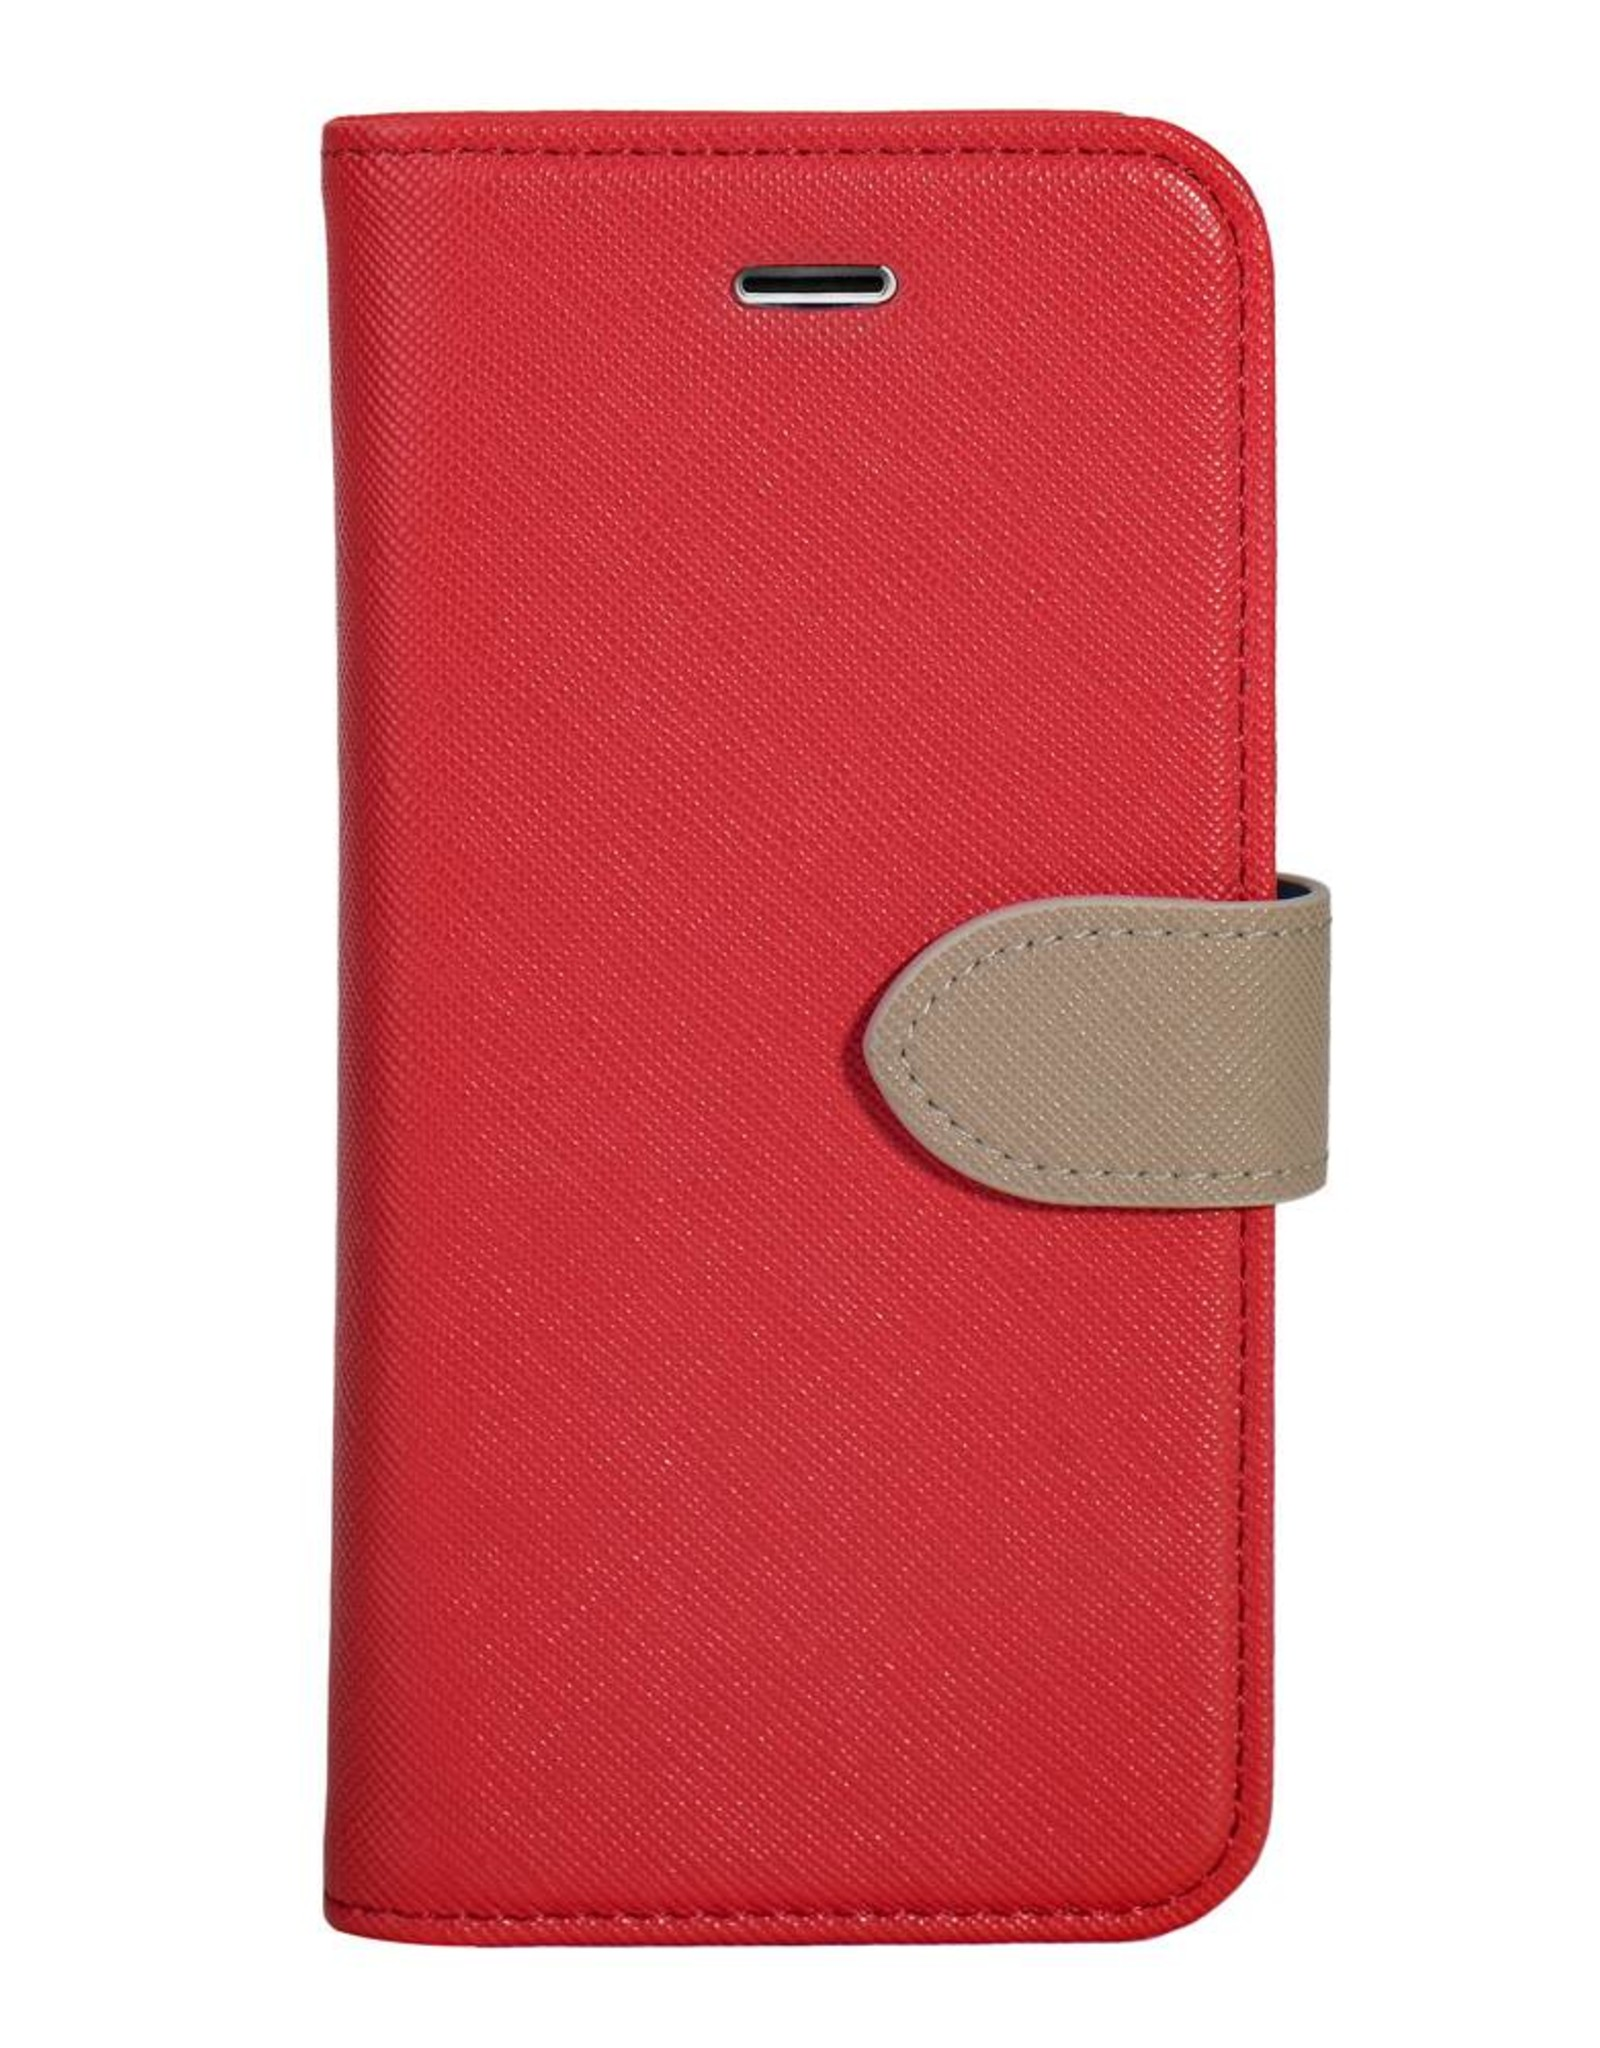 Blu Element Blu Element   iPhone 8/7/6/6s   2 in 1 Folio Red/Butterum - 112-9987